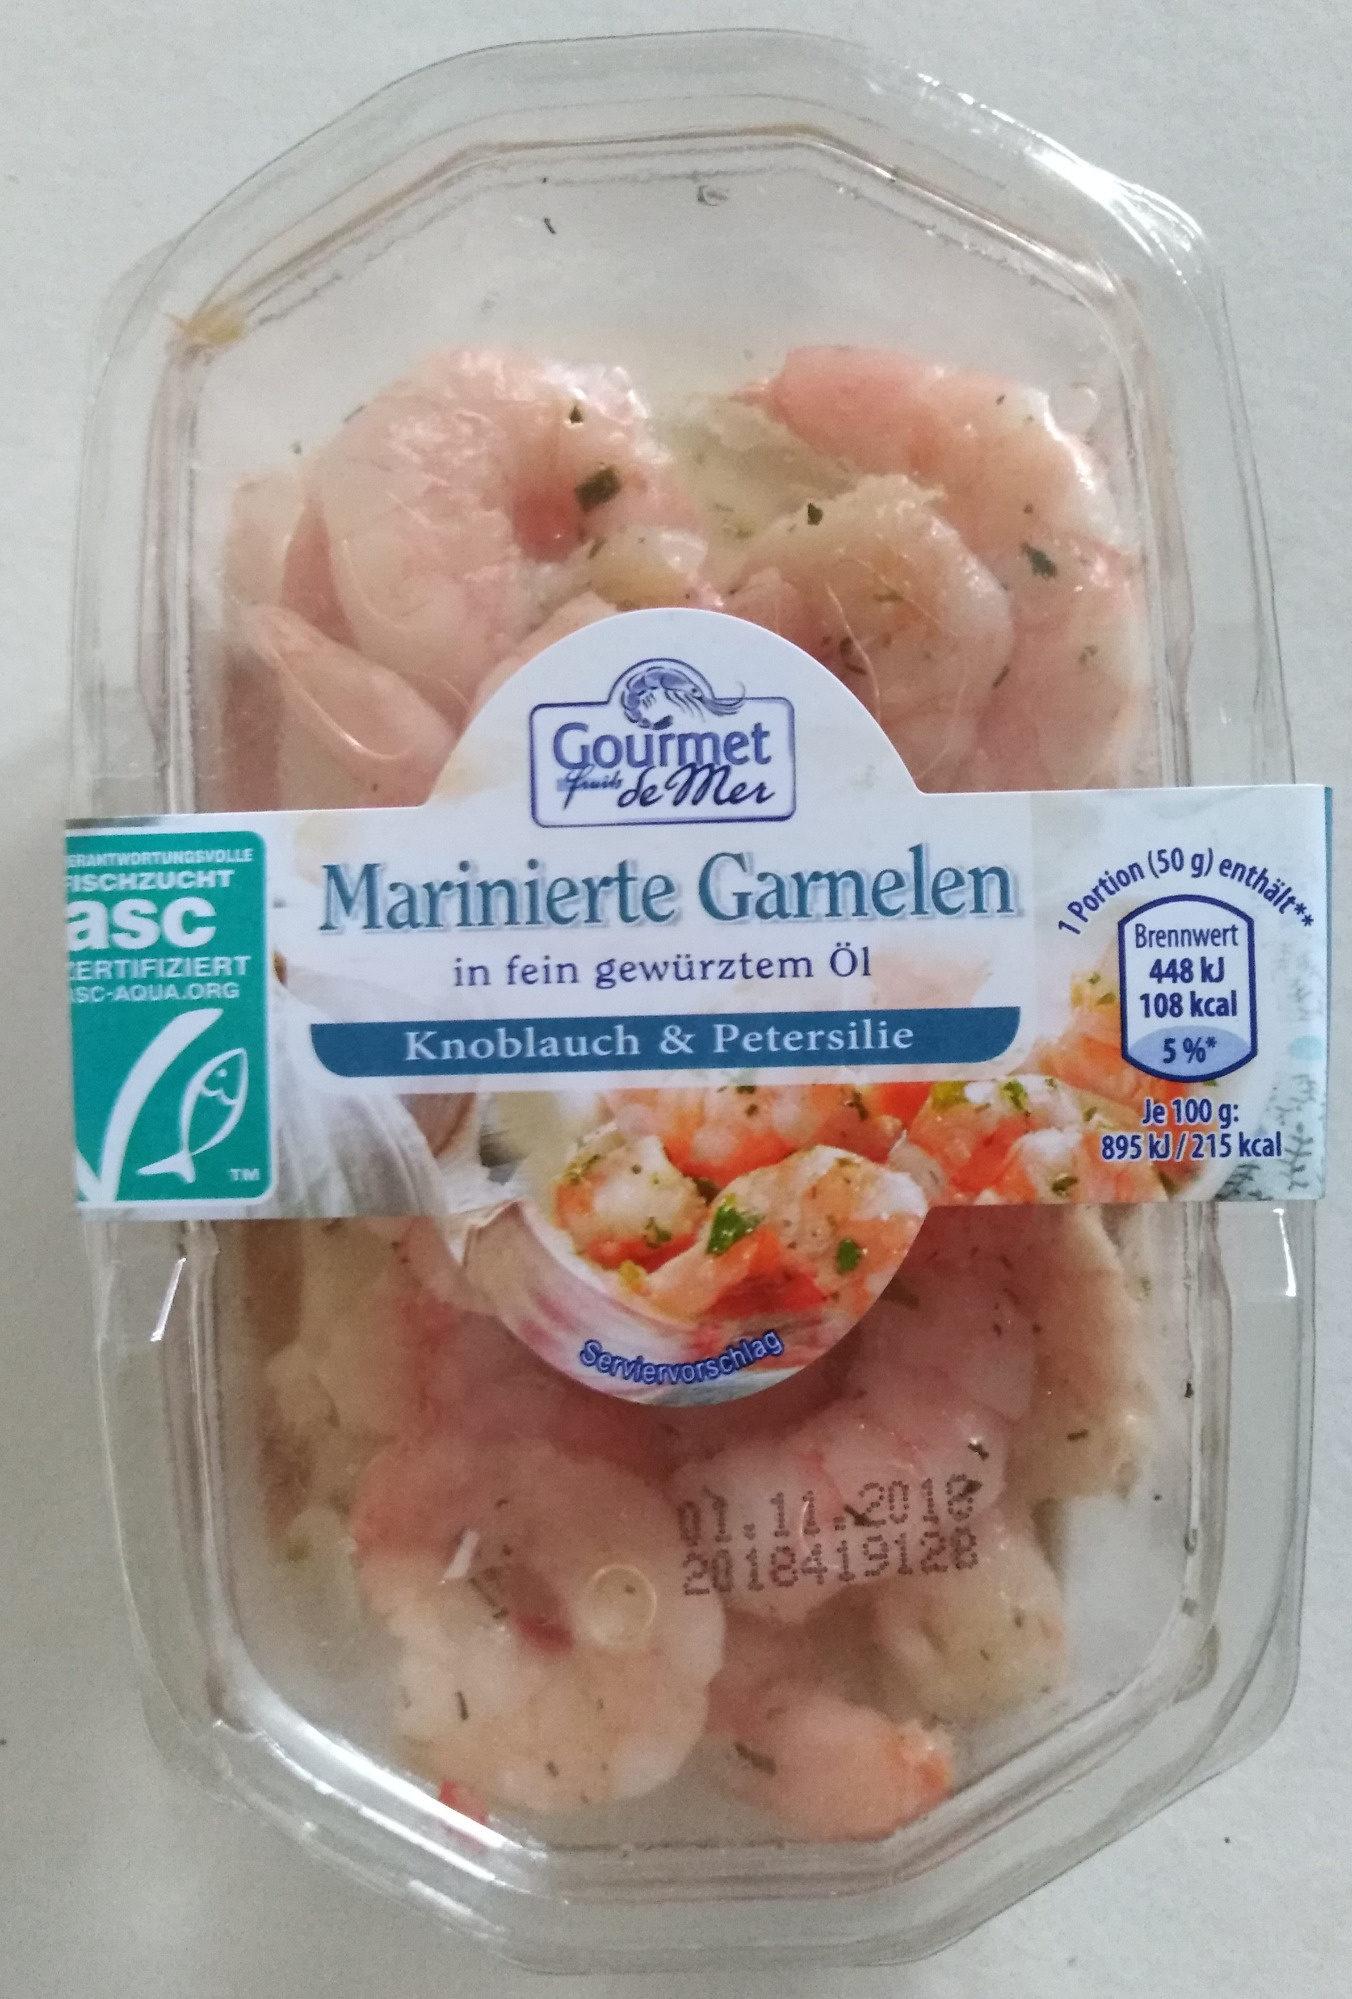 Marinierte Garnelen Knoblauch & Petersilie - Product